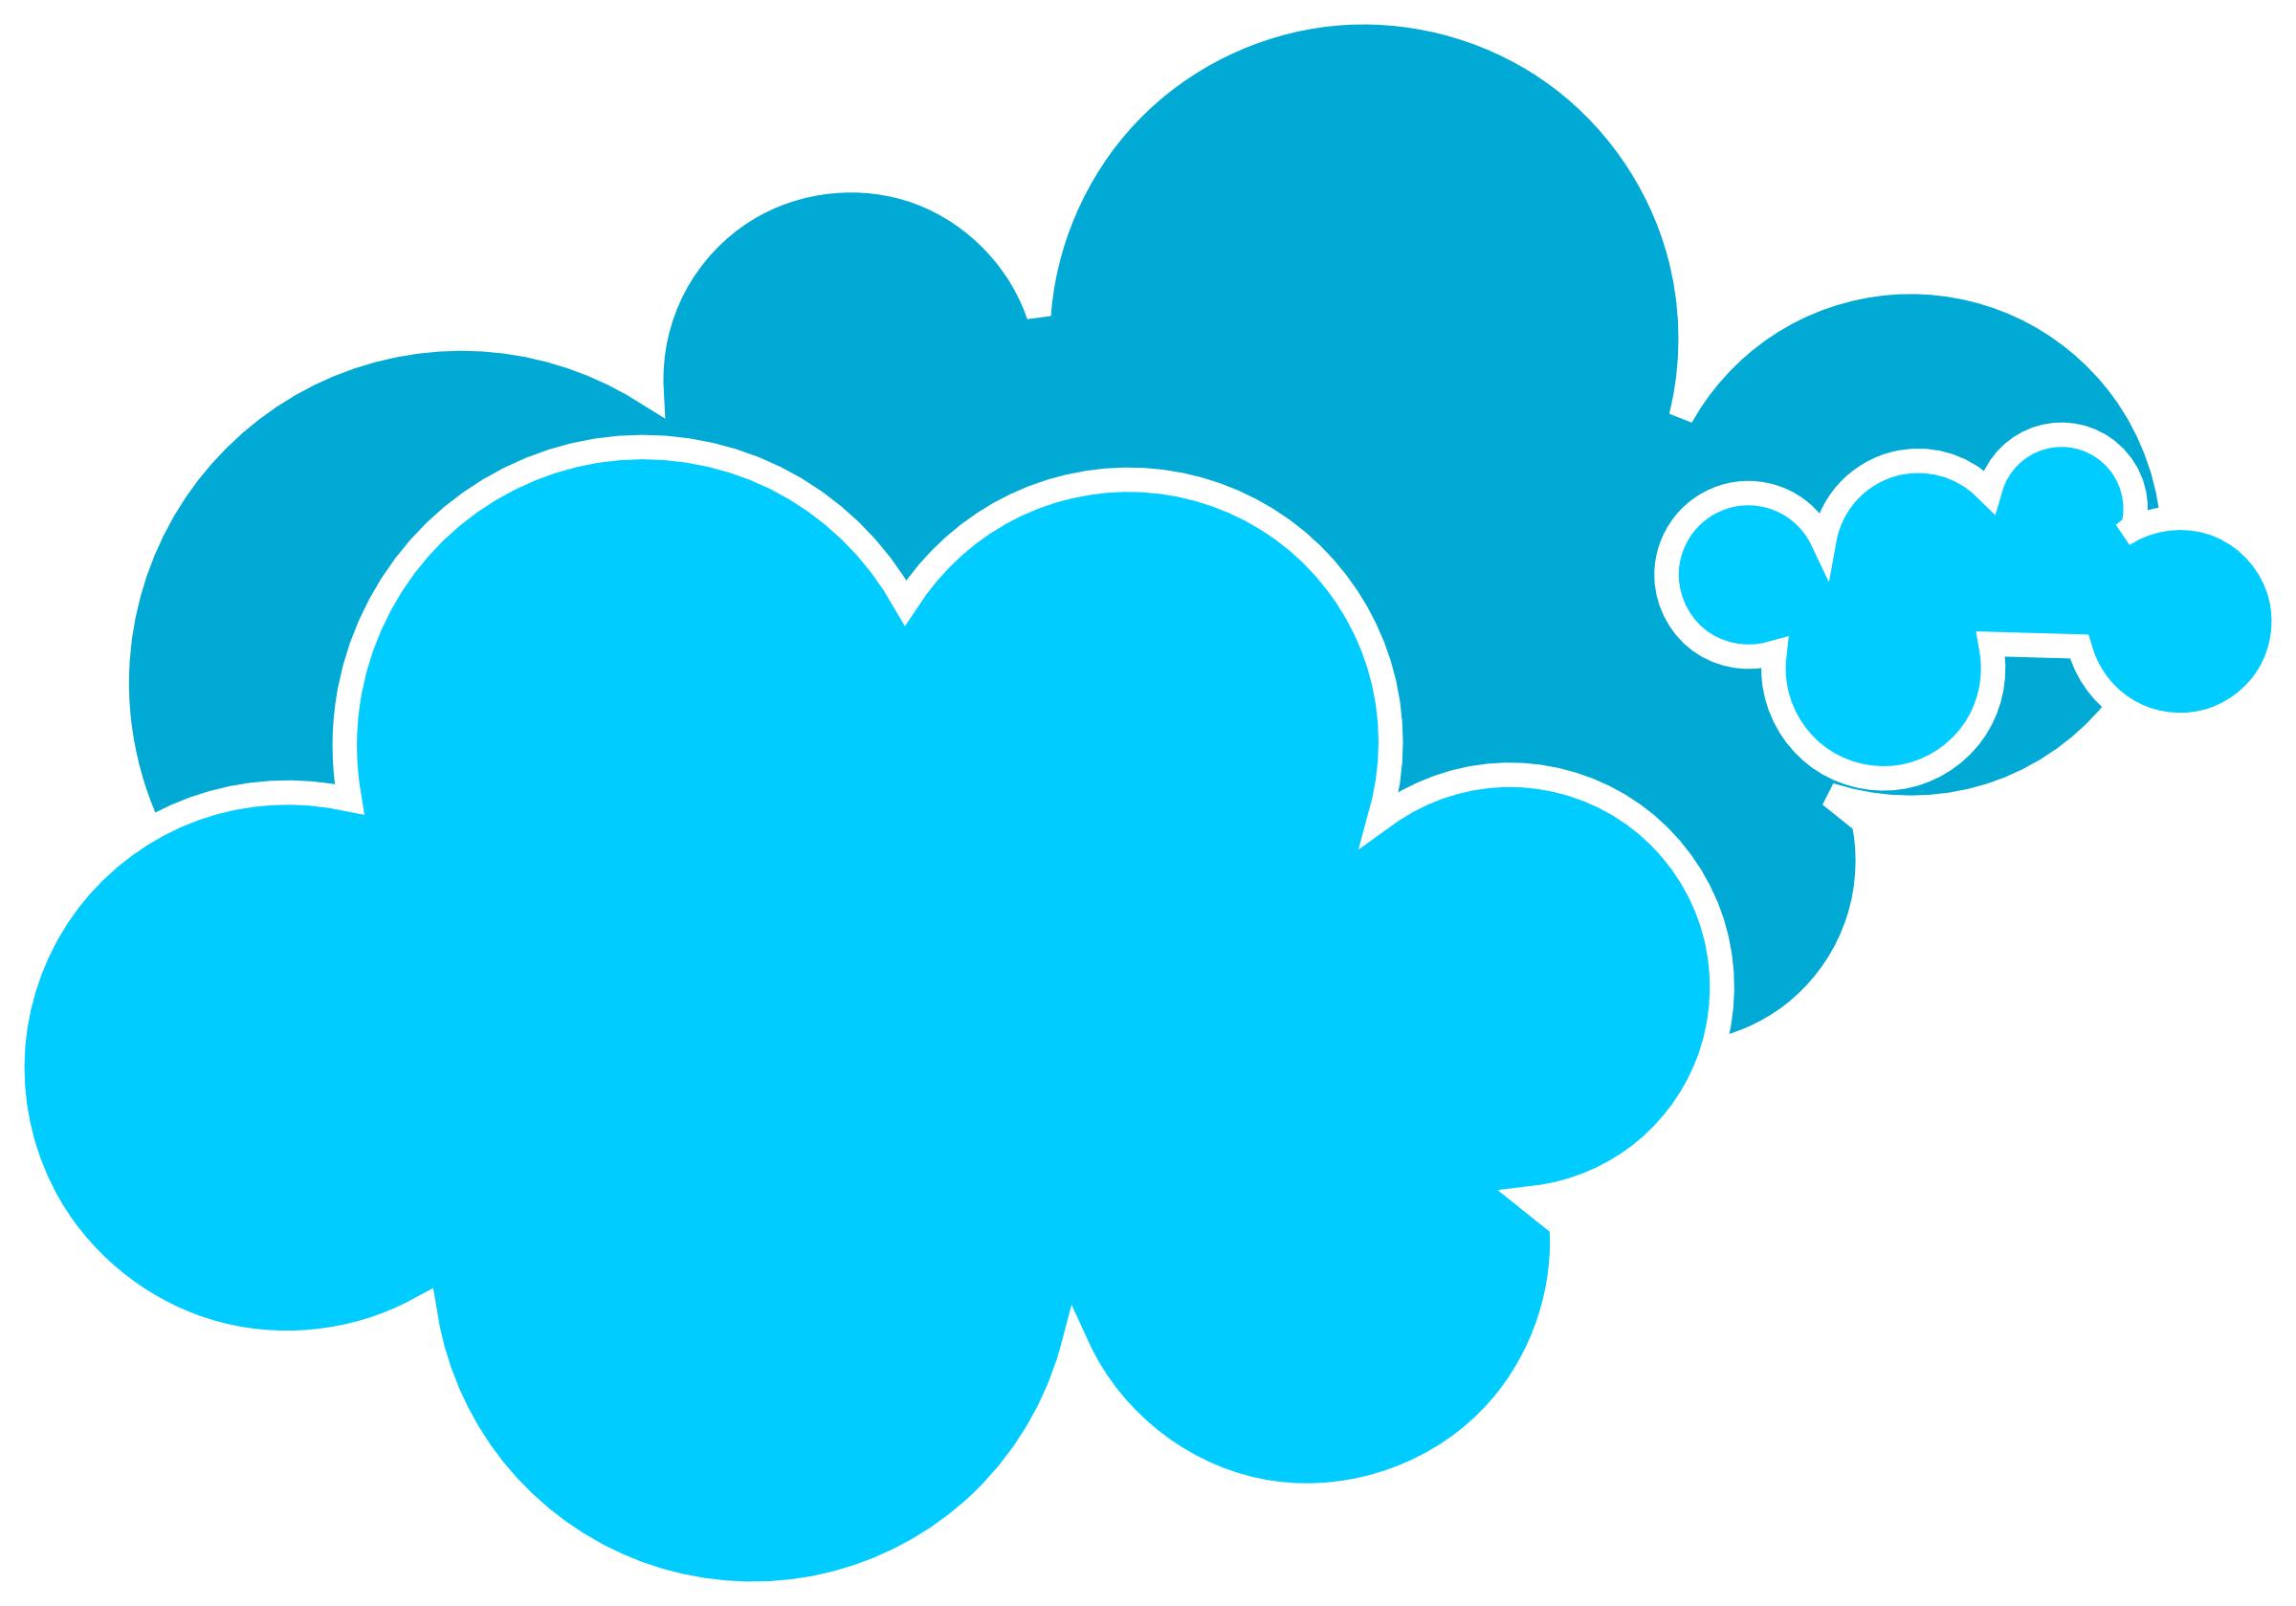 Cloud Clip Art Images Free Clipart Images